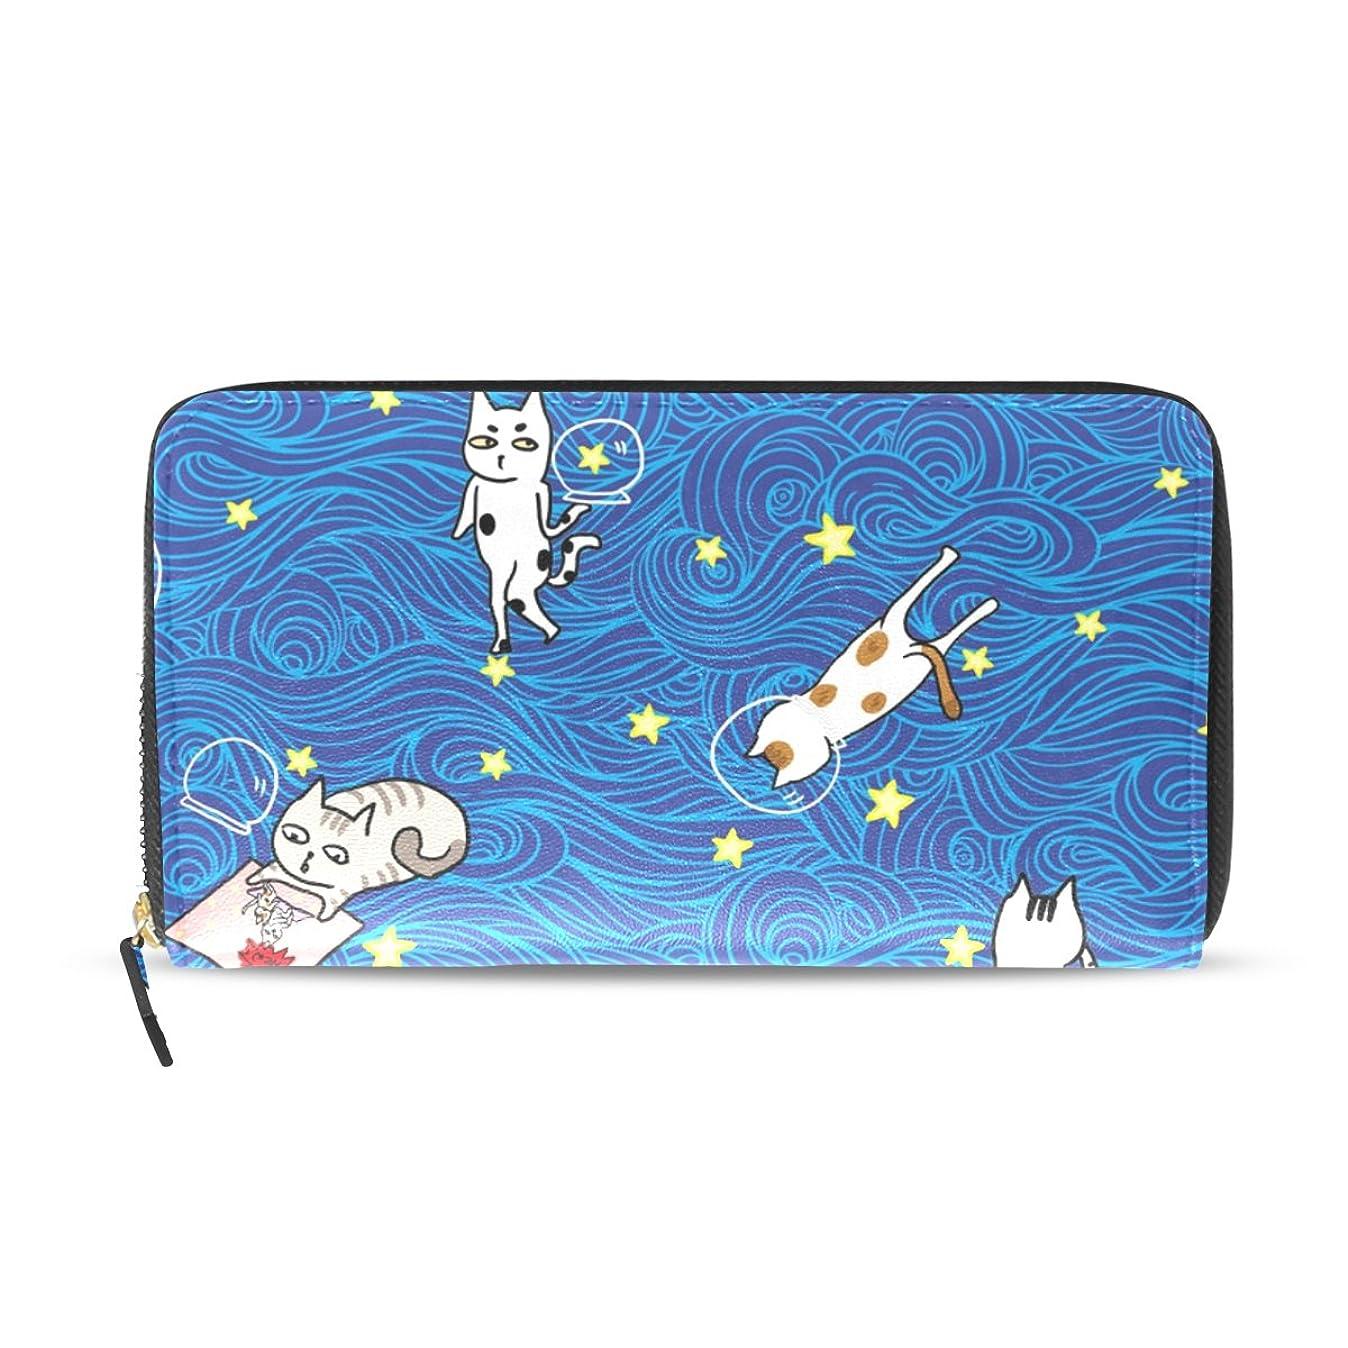 殺人者意見ふさわしいマキク(MAKIKU) 長財布 レディース 大容量 革 レザー ラウンドファスナー おしゃれ かわいい 猫柄 ブルー 白猫 カード12枚収納 プレゼント対応